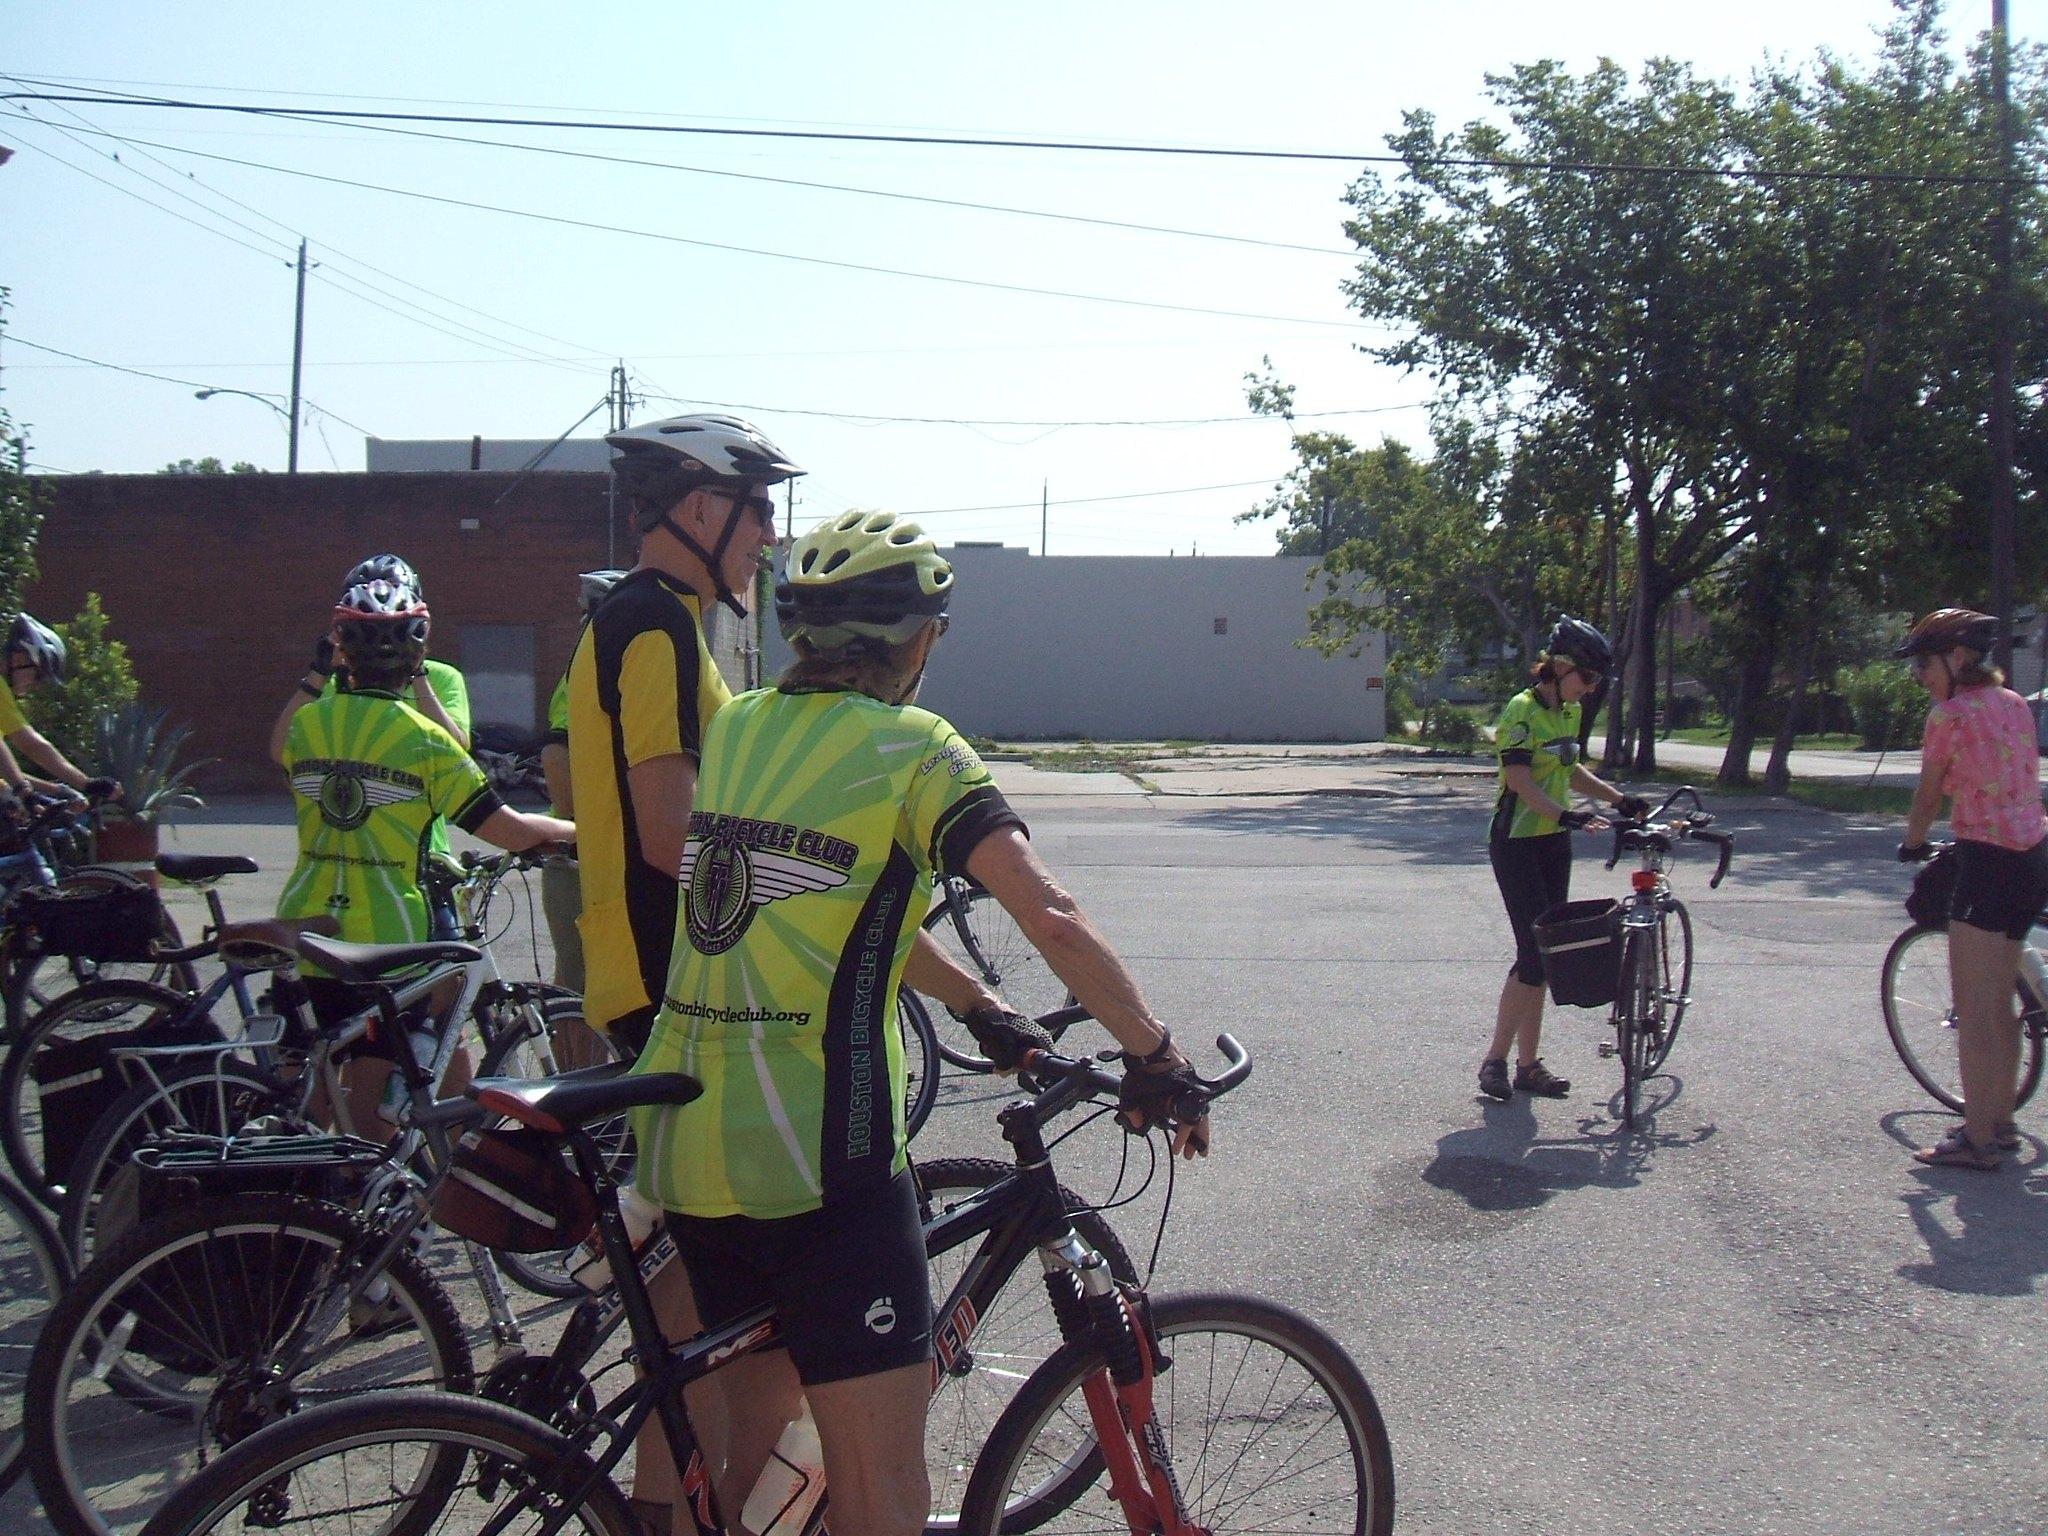 Outdoor Activities In Houston-A Bike Ride In Houston